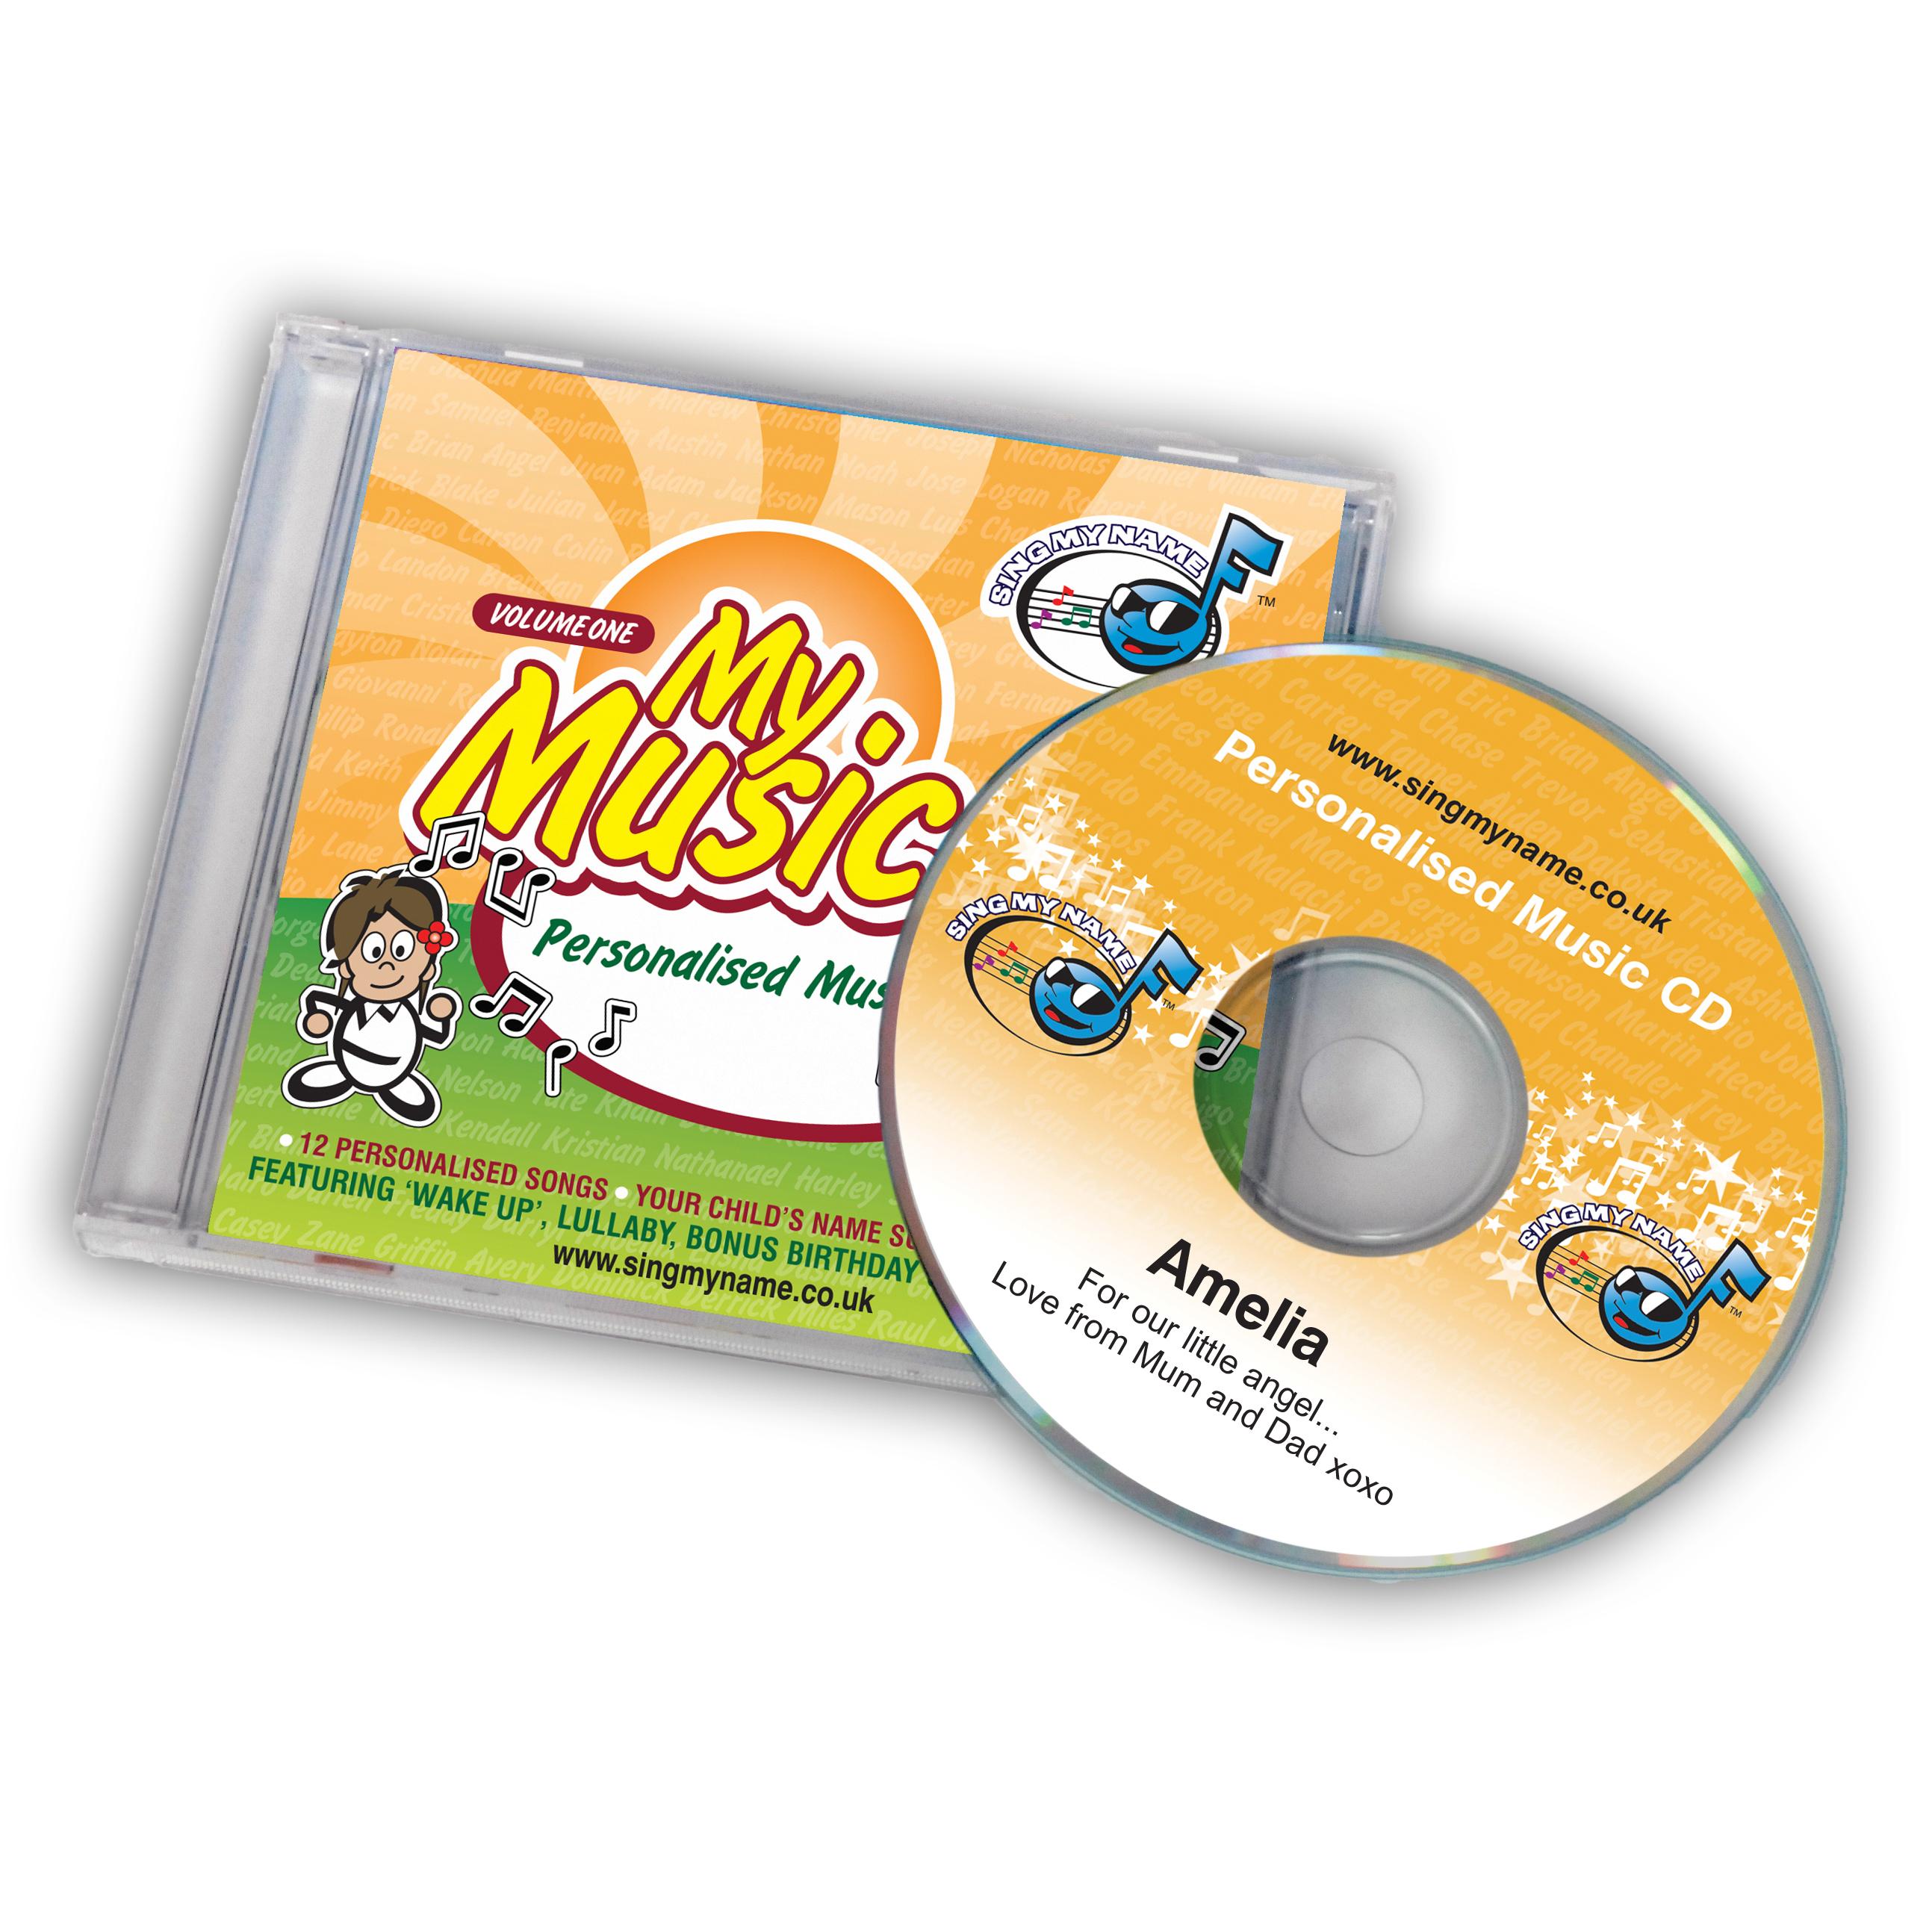 Personalised CD Album